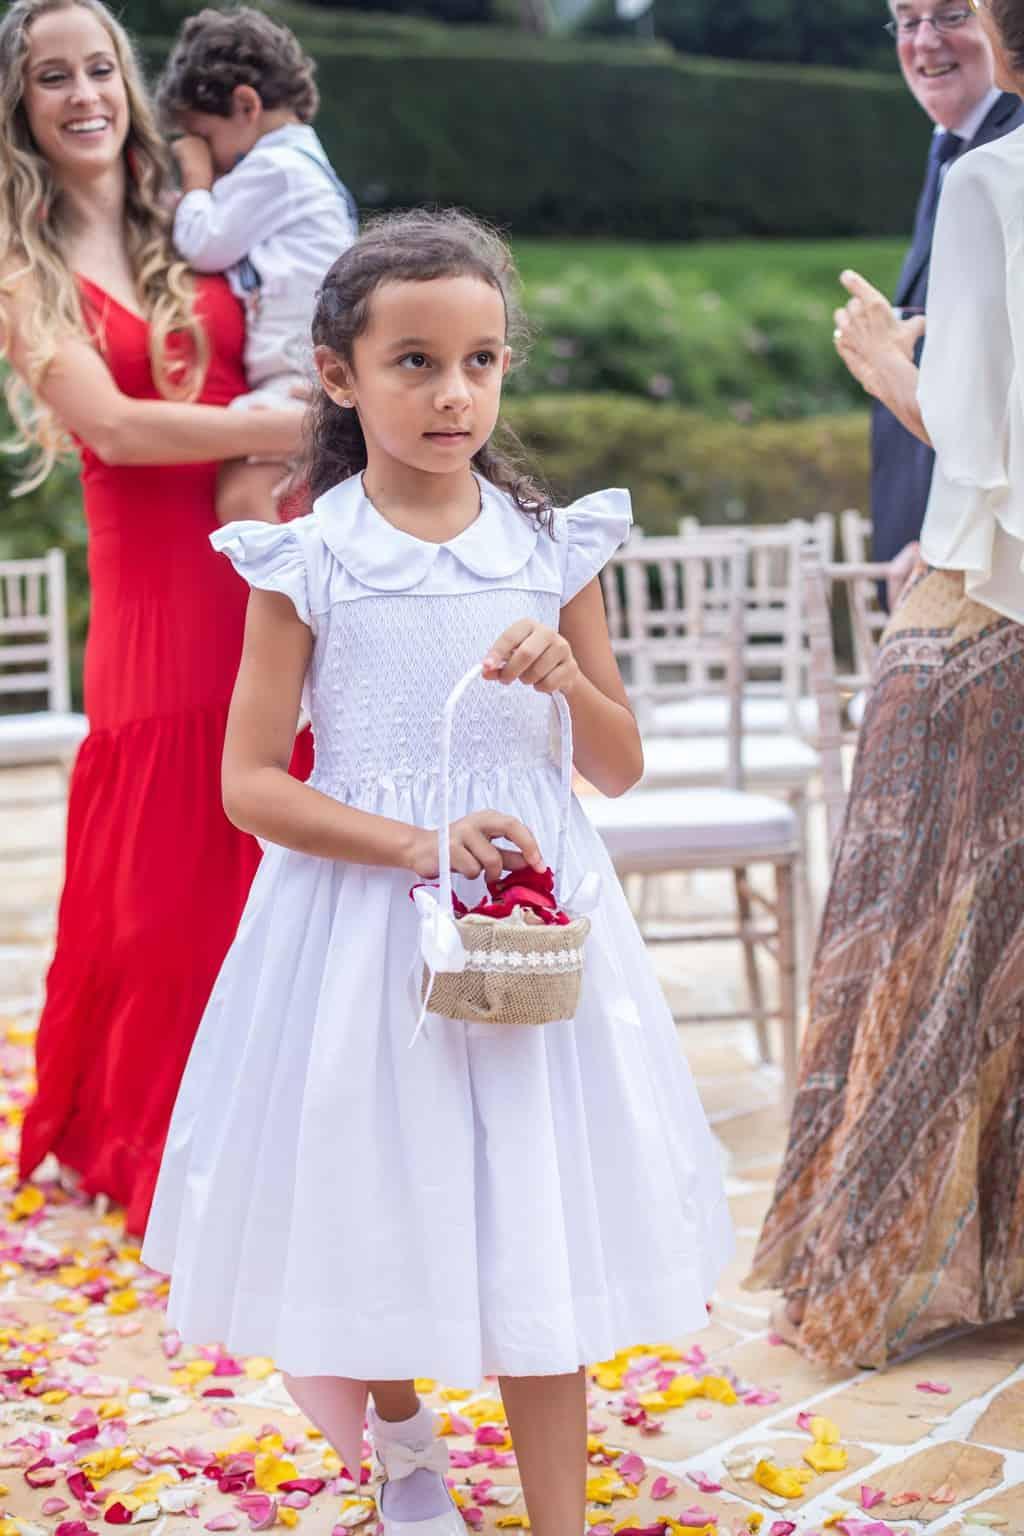 casamento-na-serra-cerimonia-ao-ar-livre-daminhas-e-pajens-Fotografia-Laura-Campanella-graviola-filmes-Juliana-e-Sebastian-Pousada-La-Belle-Bruna60